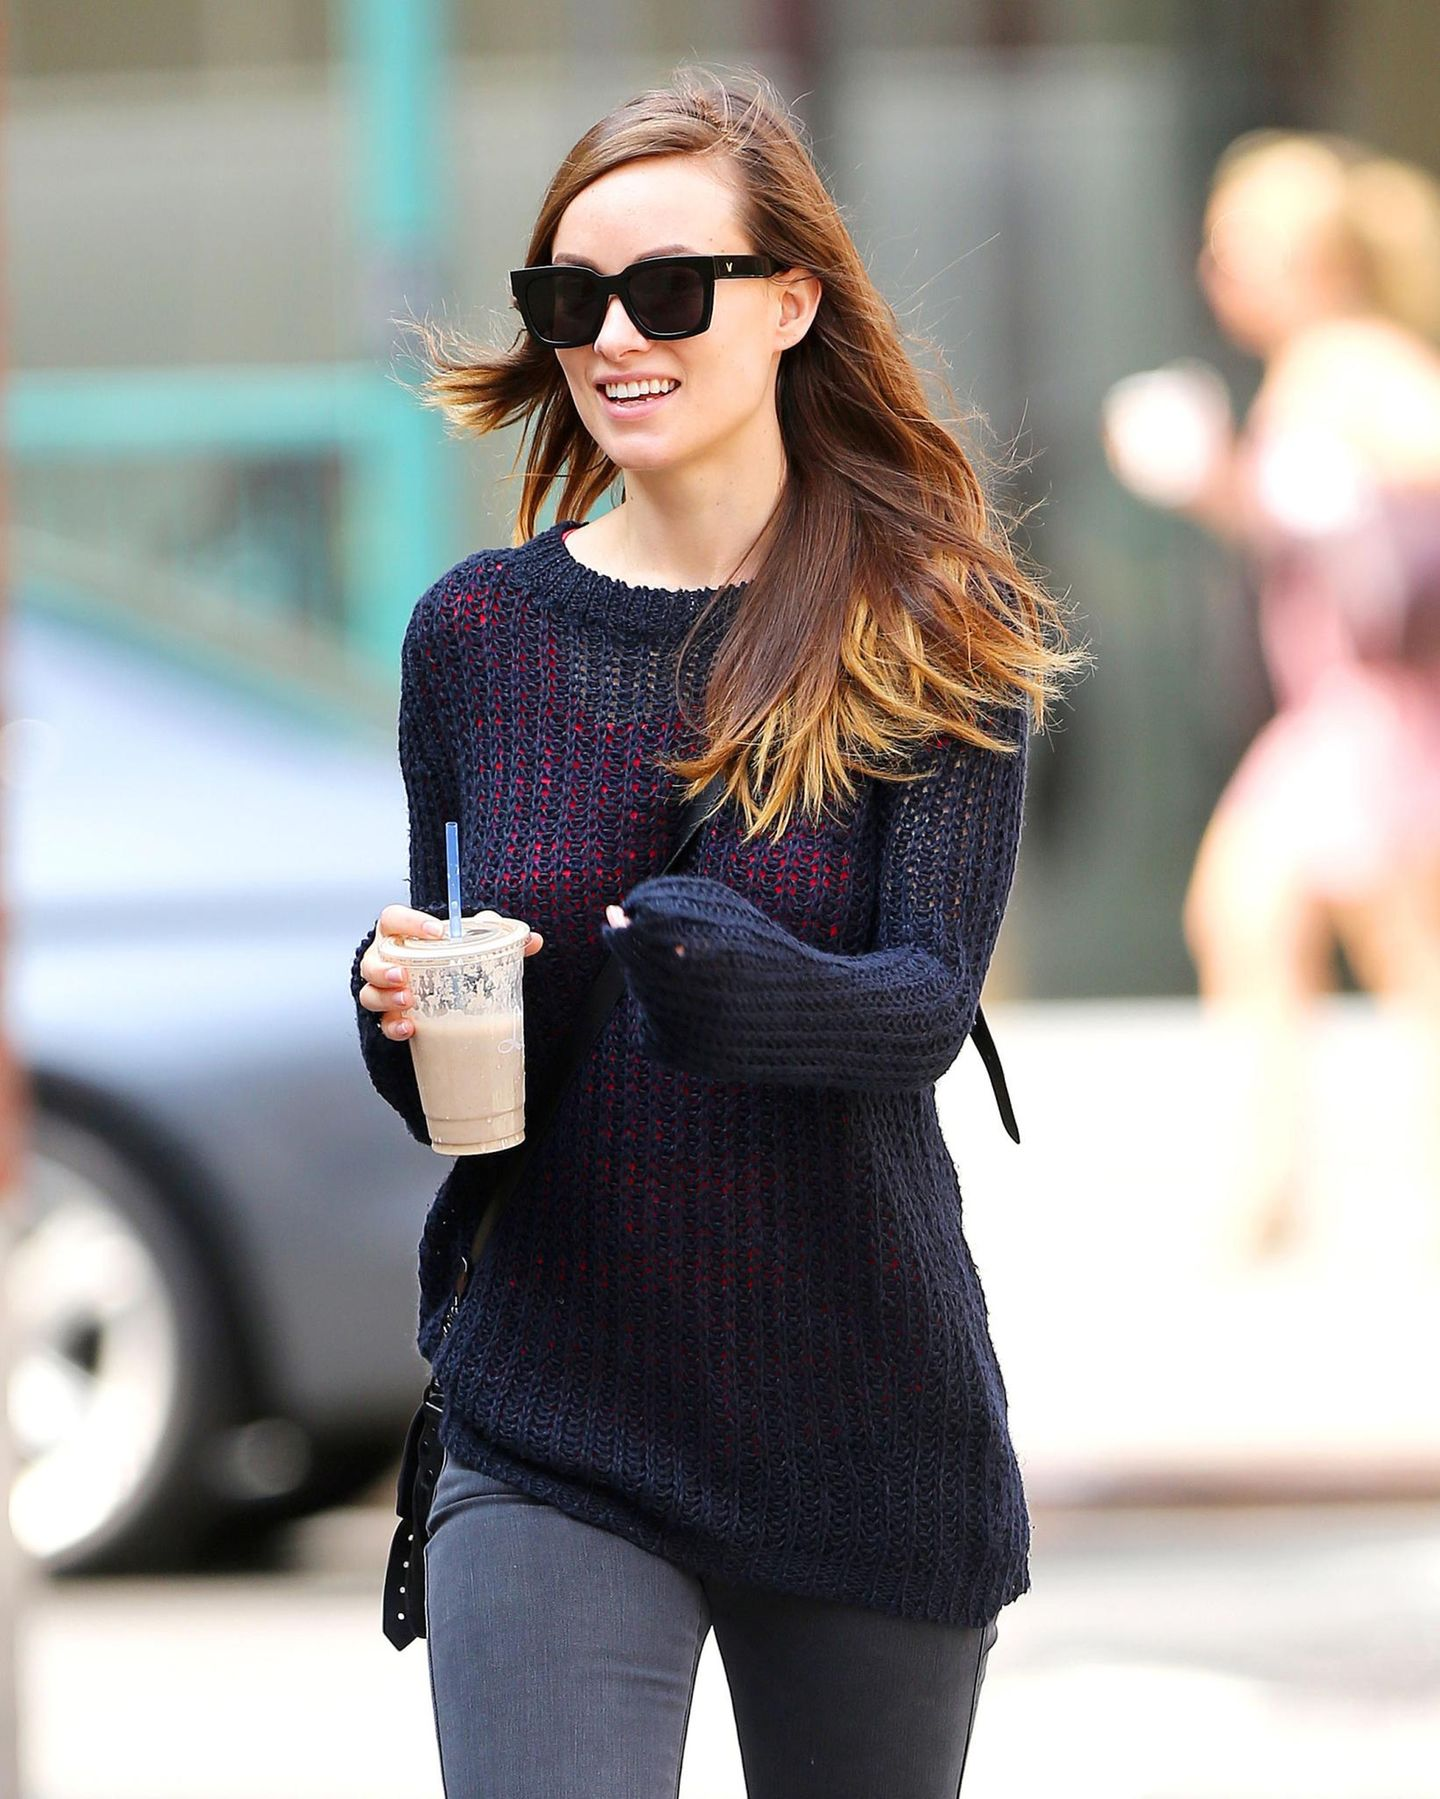 Olivia Wilde deckt sich am morgen mit einem großen geeisten Kaffee ein.